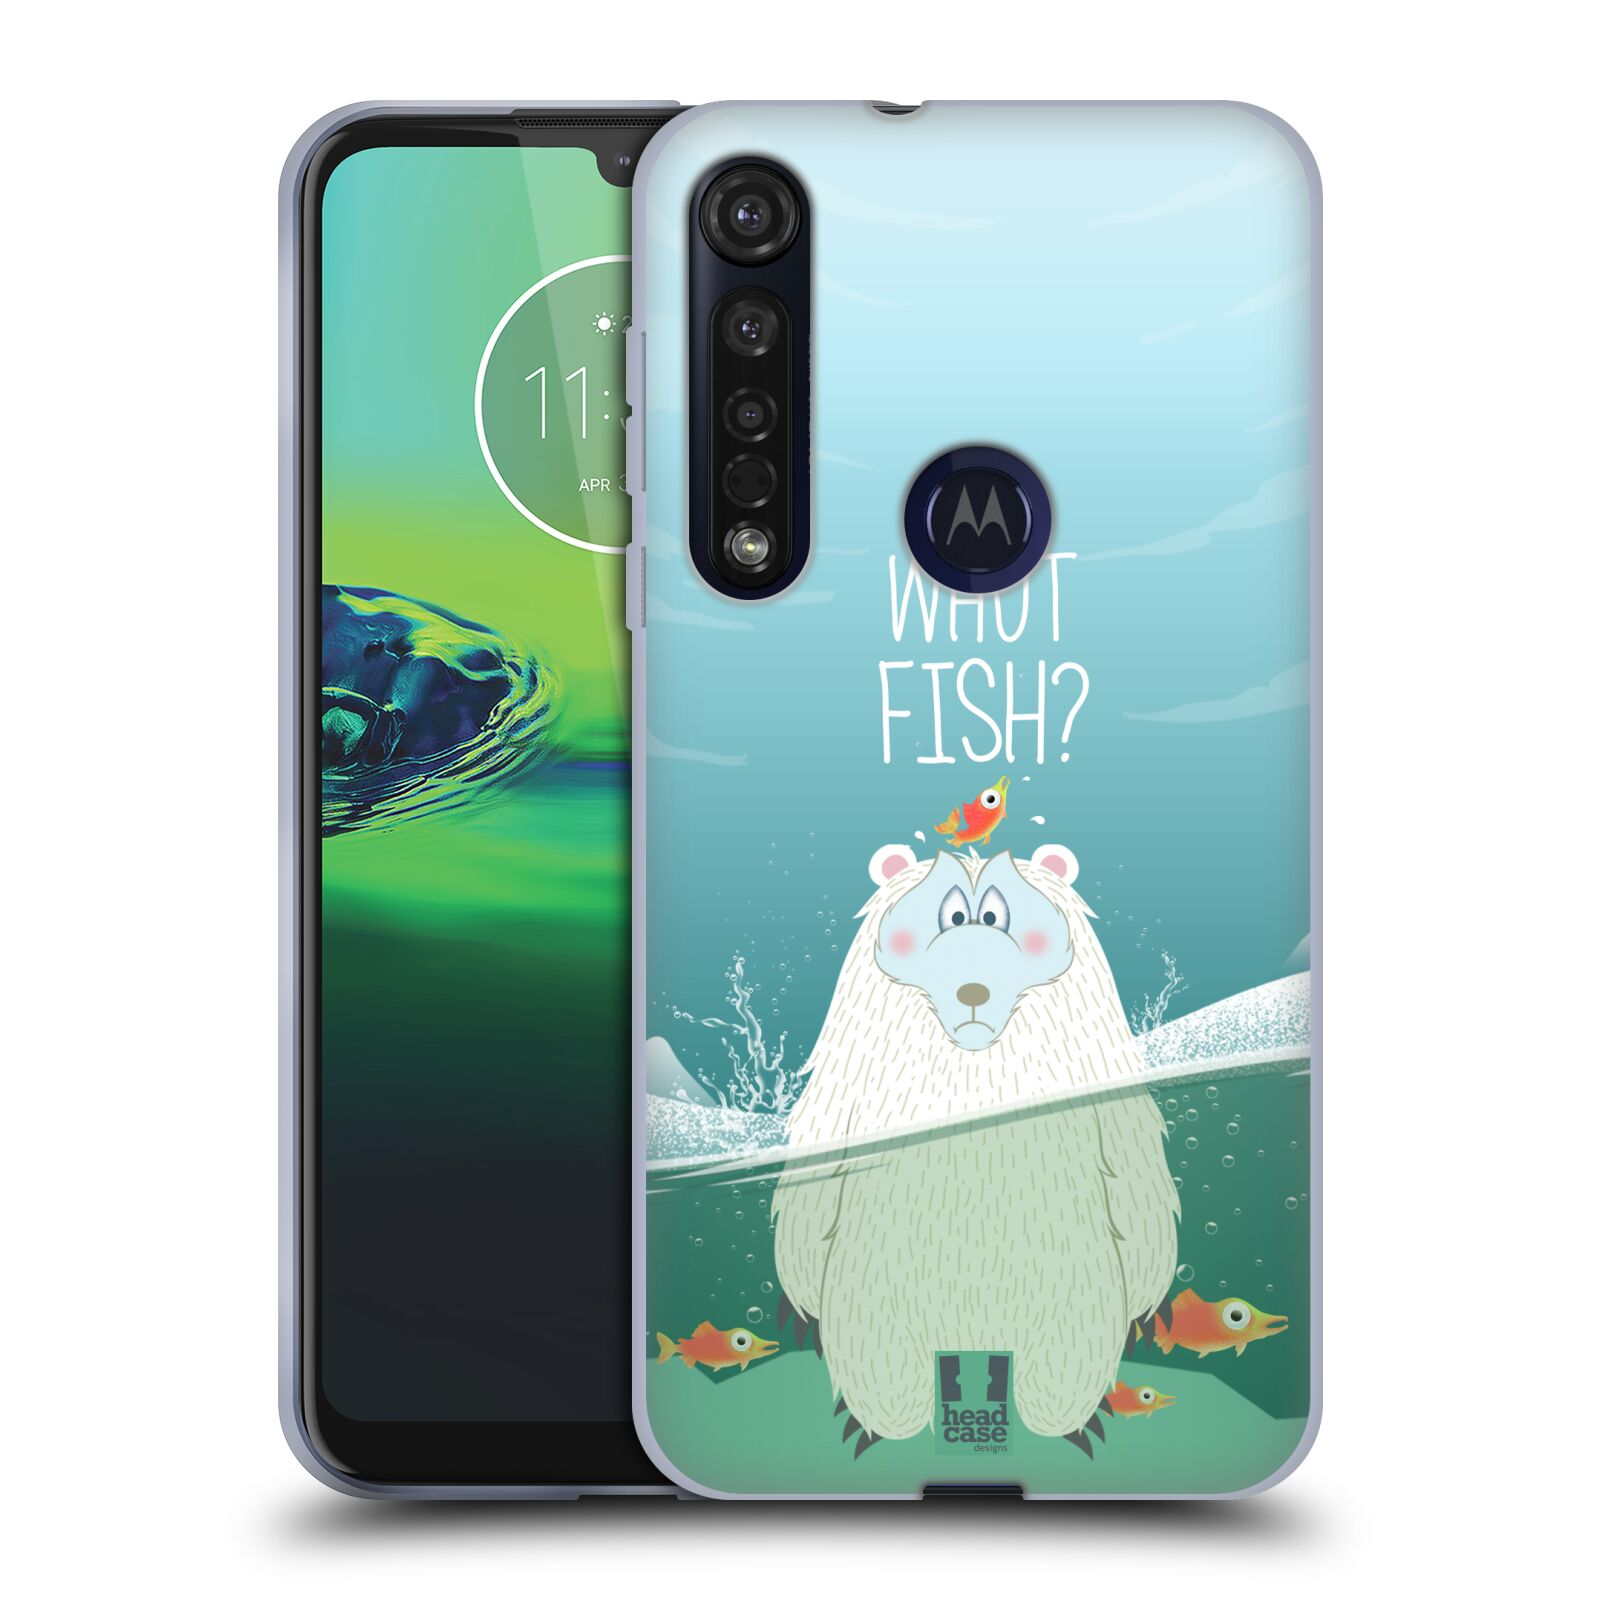 Silikonové pouzdro na mobil Motorola Moto G8 Plus - Head Case - Medvěd Whut Fish?